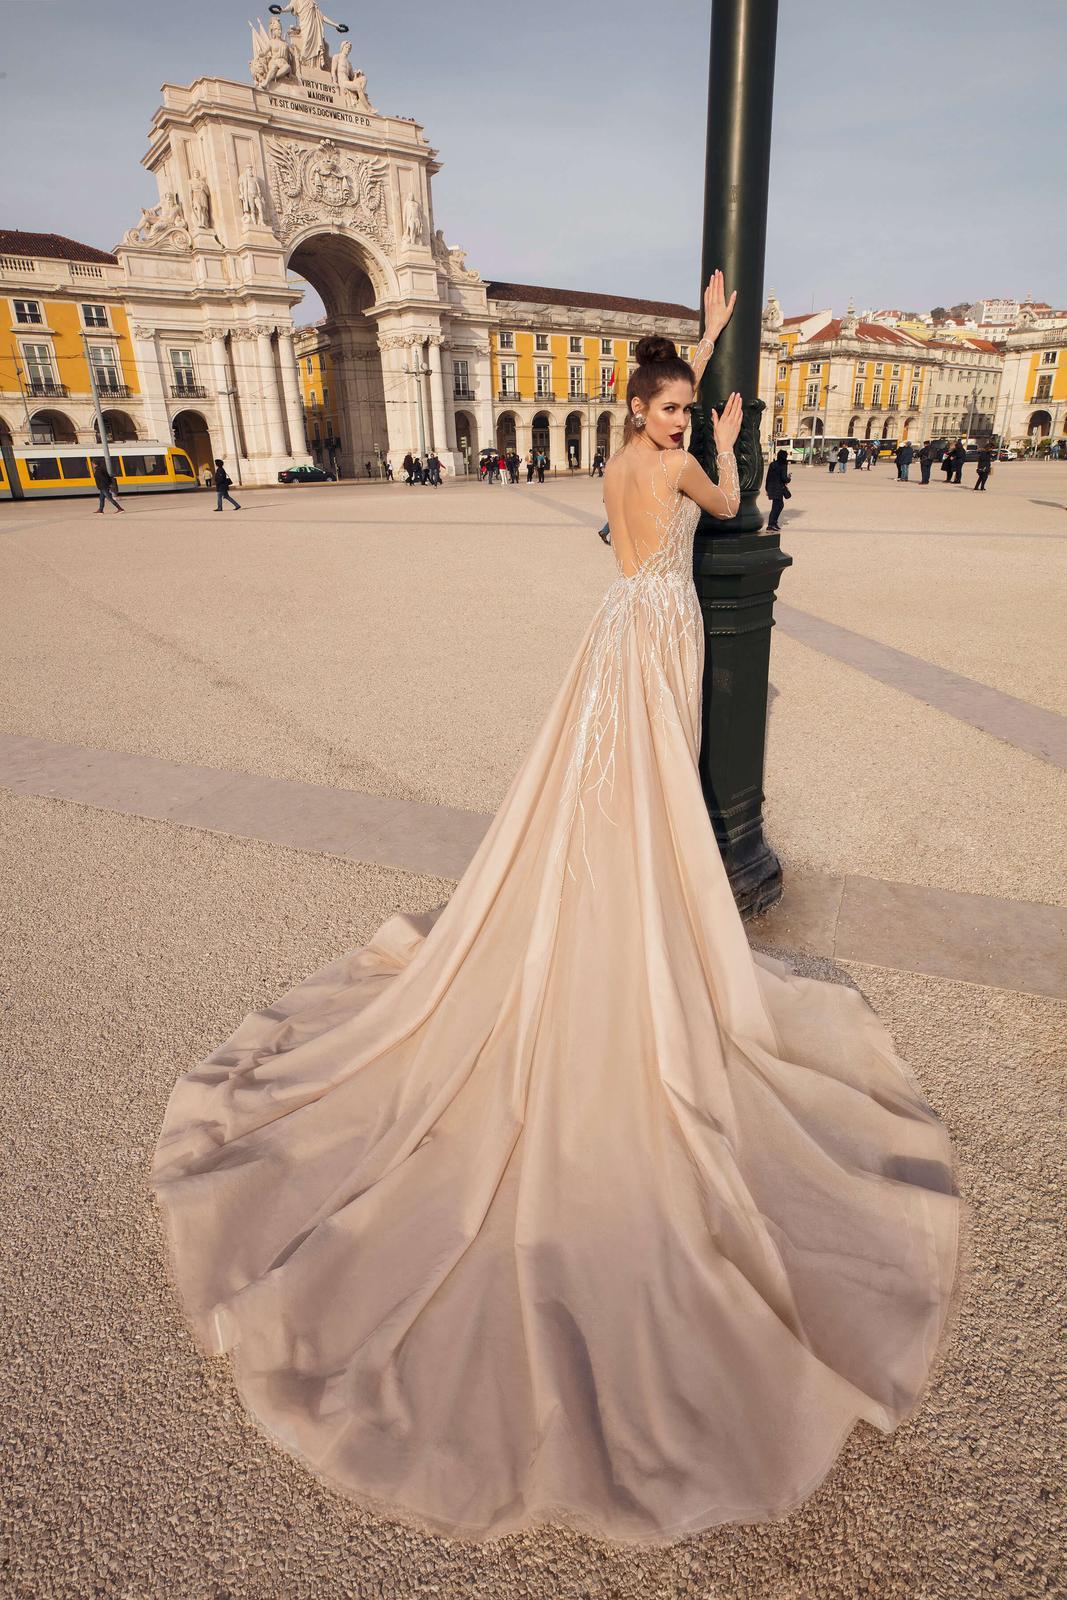 Innocentia Divina 2019 * Svadobné šaty z kolekcií na rok 2019 - Obrázok č. 62